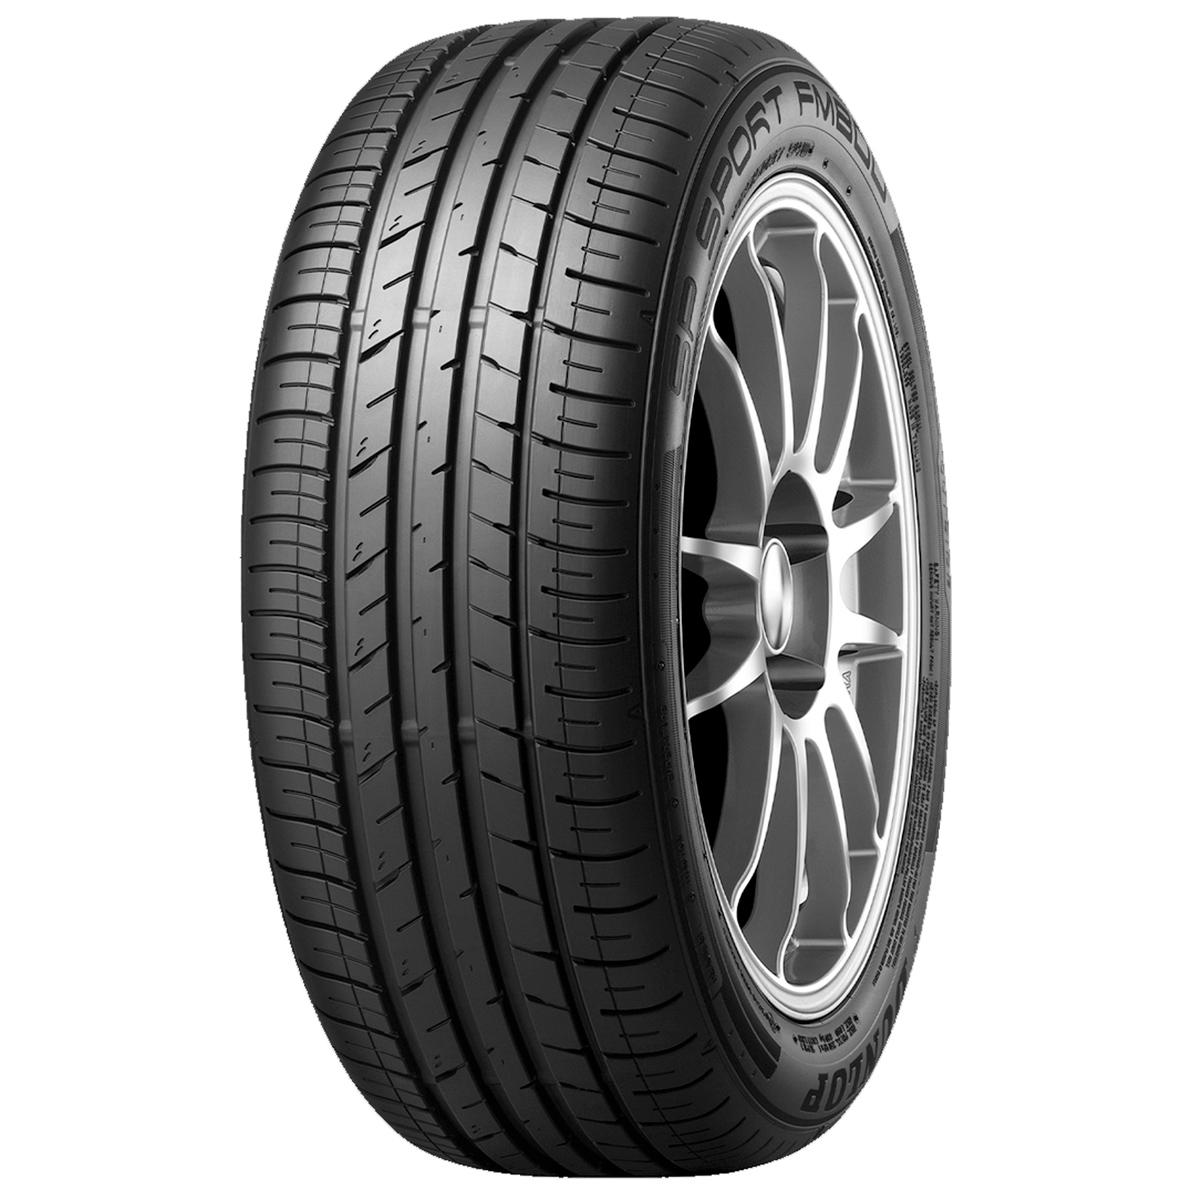 Pneu Dunlop 205/60R15 91V SPFM800